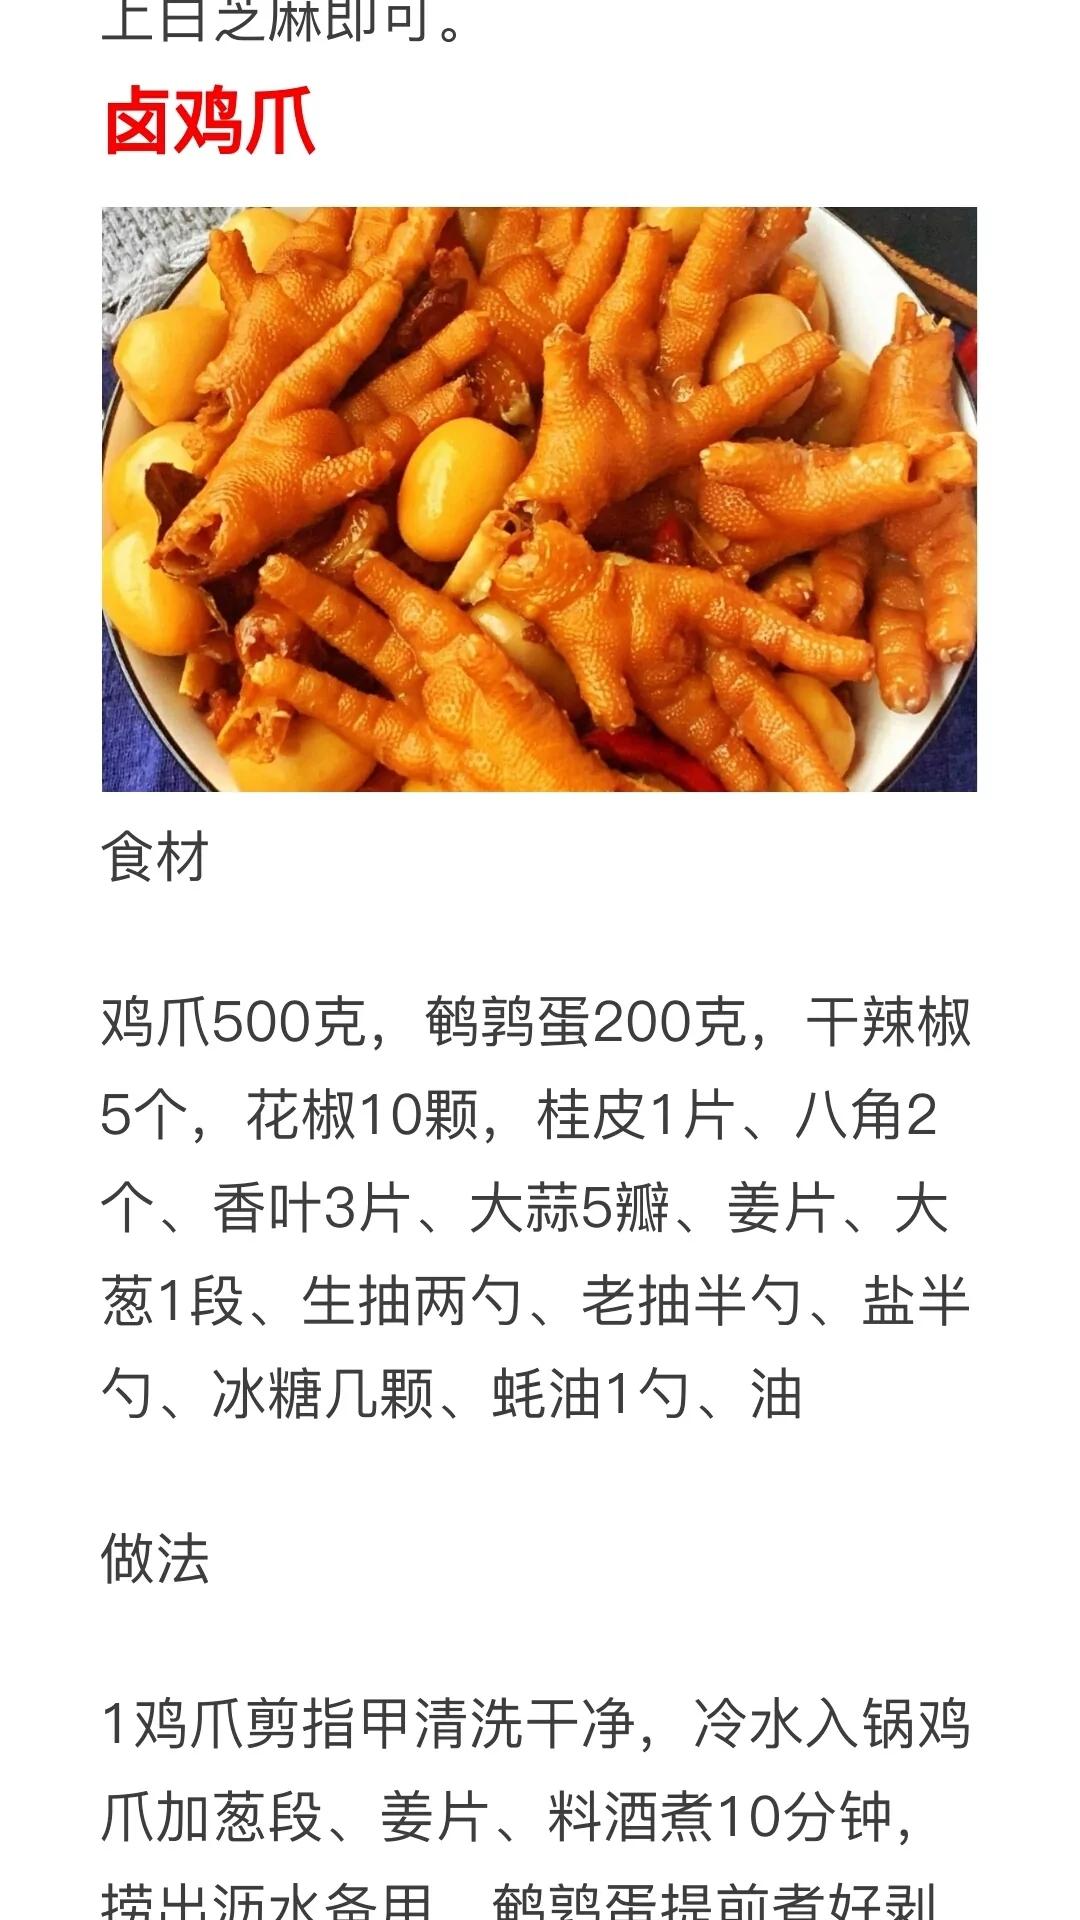 家常鸡爪的做法及配料 美食做法 第10张